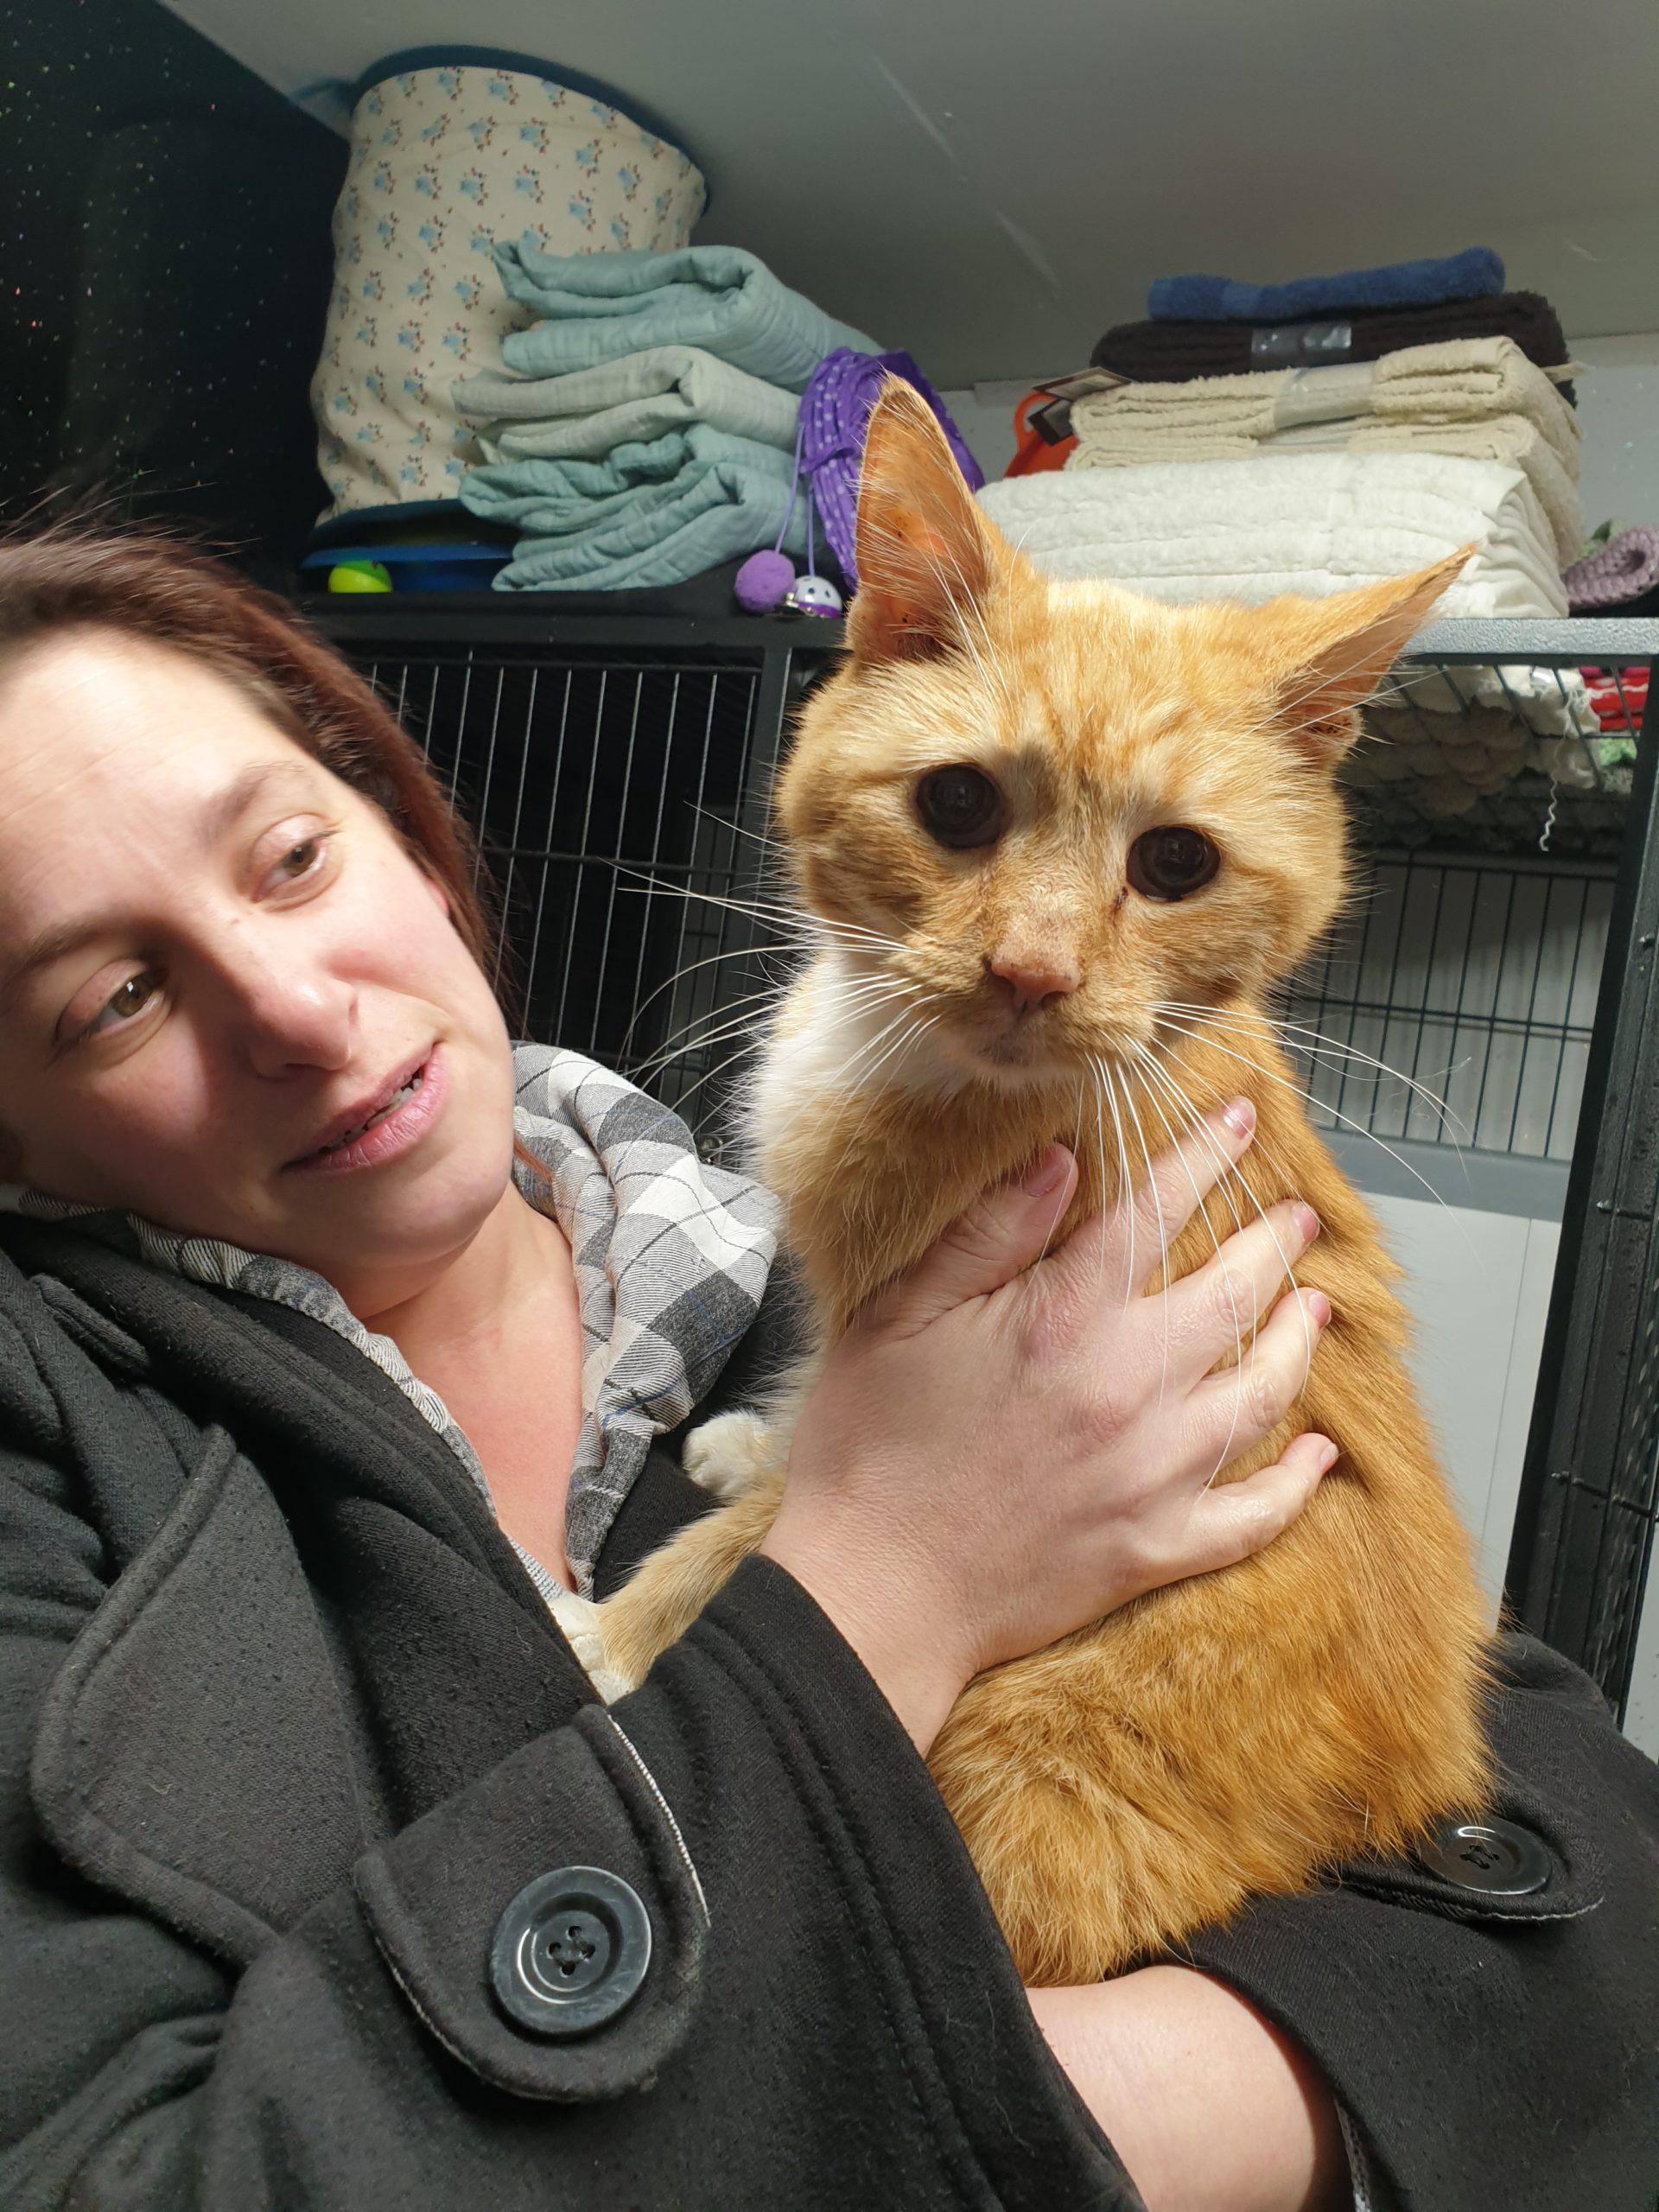 Cat found Kent,